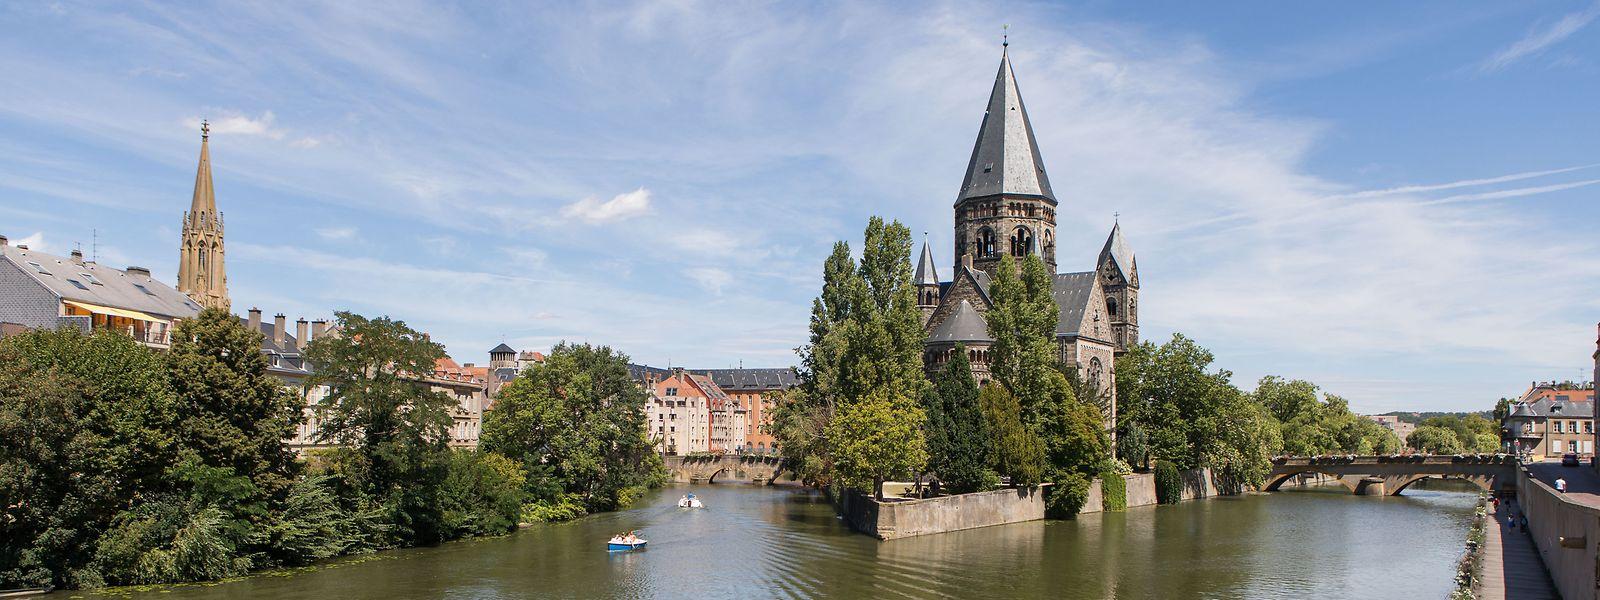 La Moselle et le plan d'eau de Metz pourront servir pour peaufiner les performances des sportifs engagés dans les épreuves 2024 d'aviron.